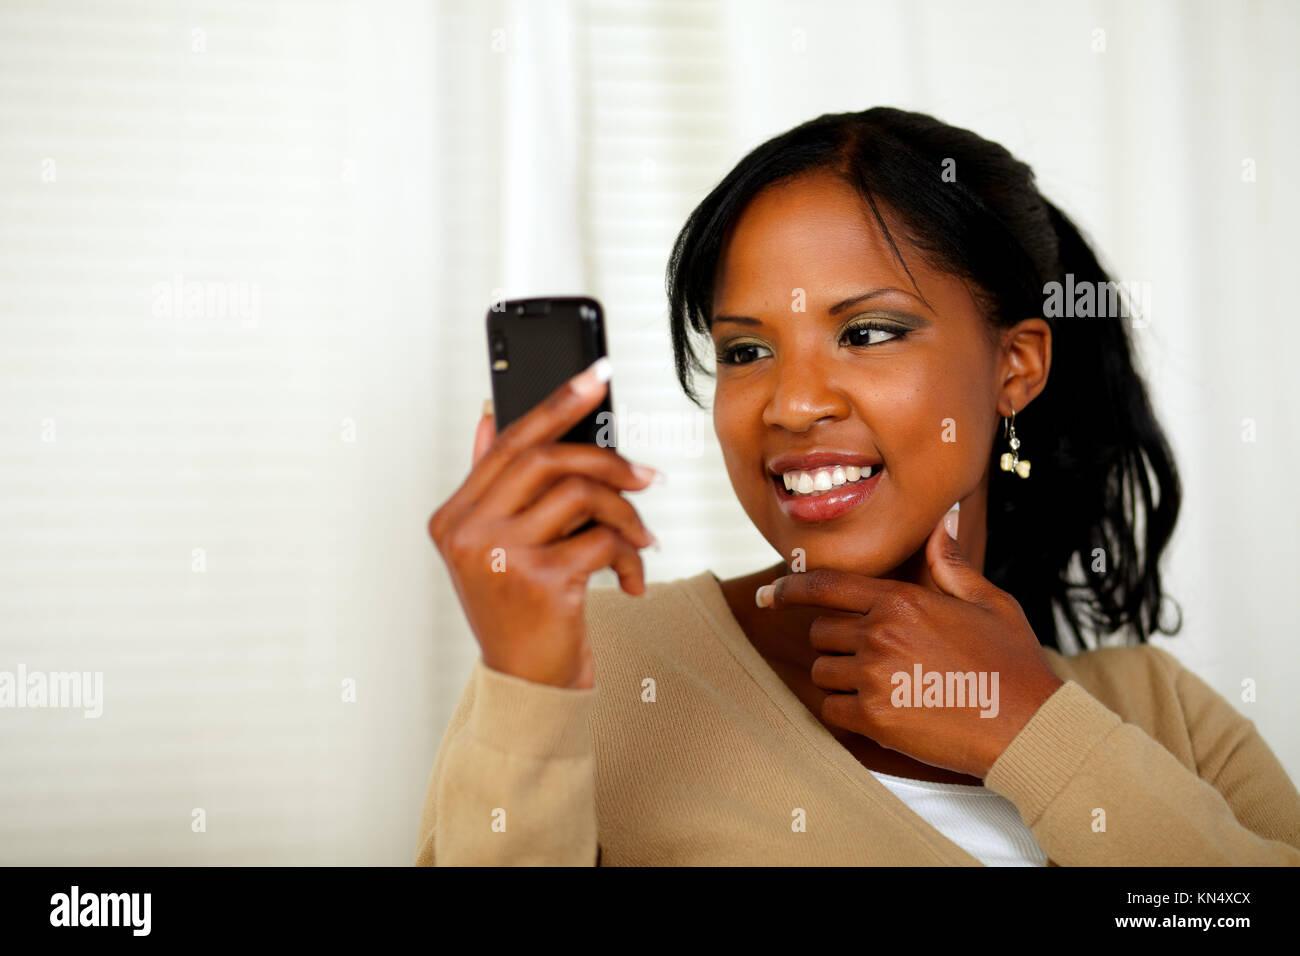 Porträt einer anspruchsvollen Frau liest eine Nachricht auf Handy. Stockbild